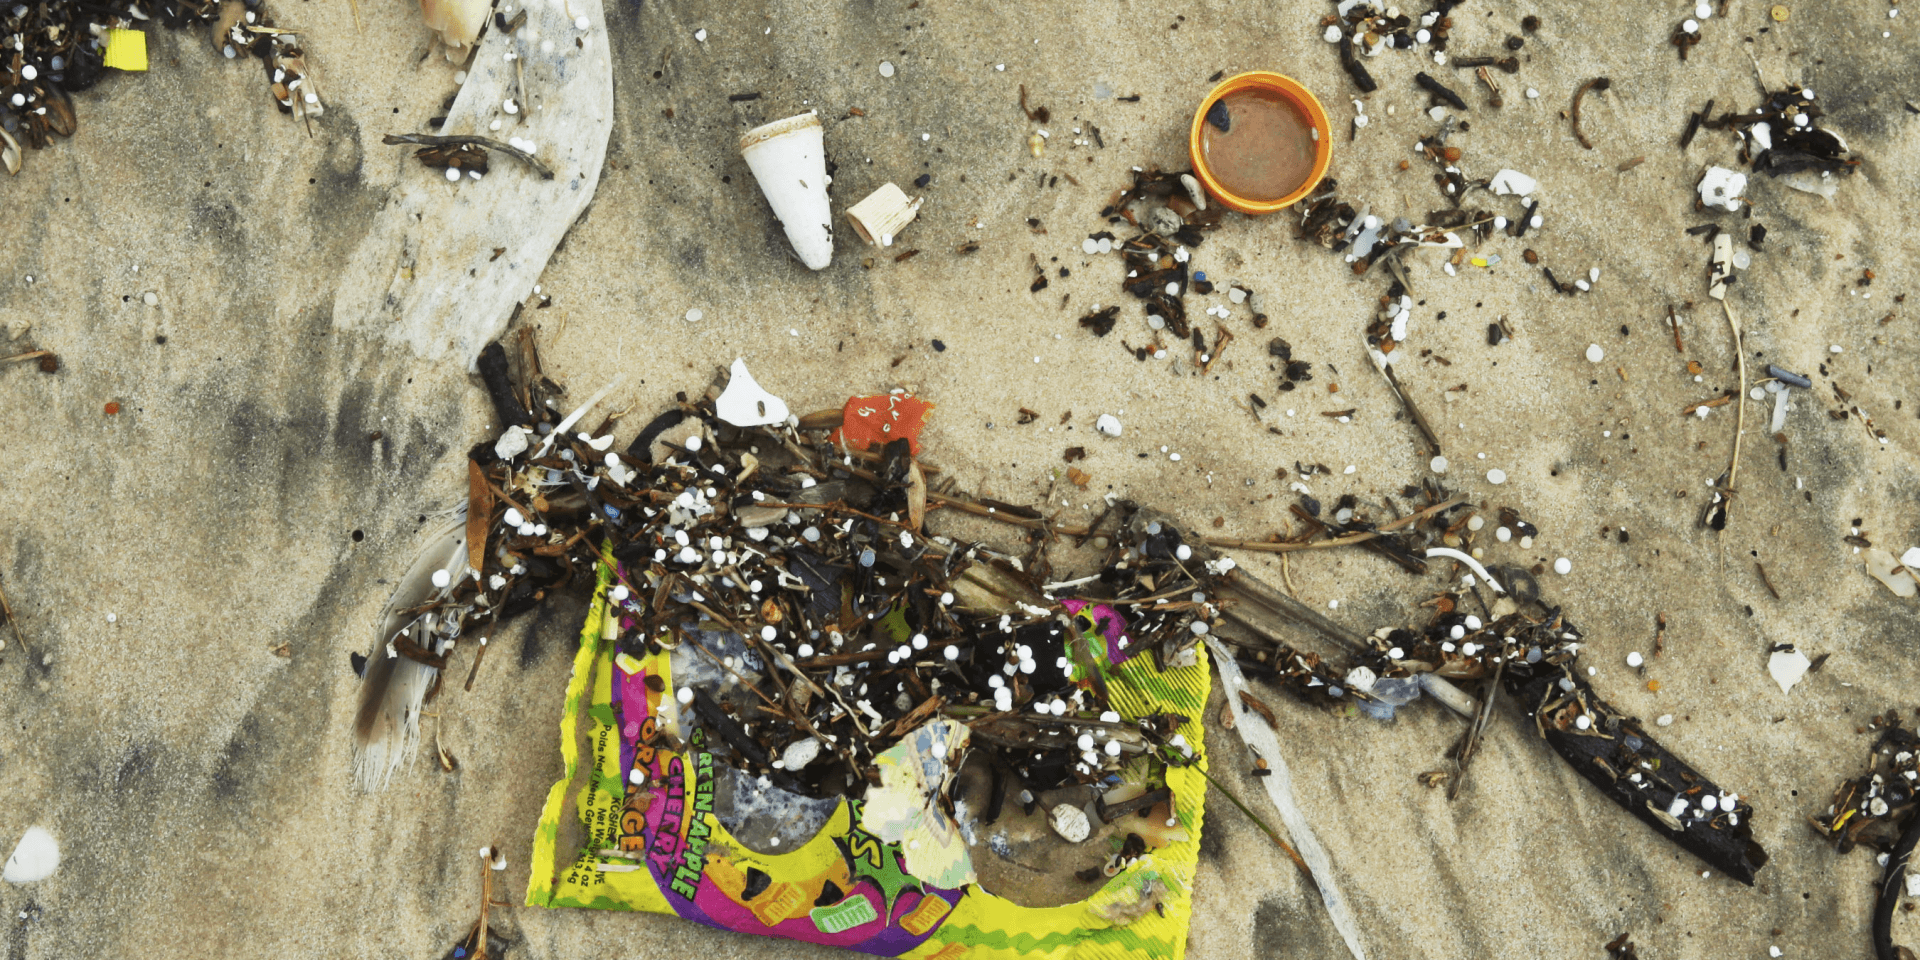 Plastika ogroža okolje, ljudi in živali